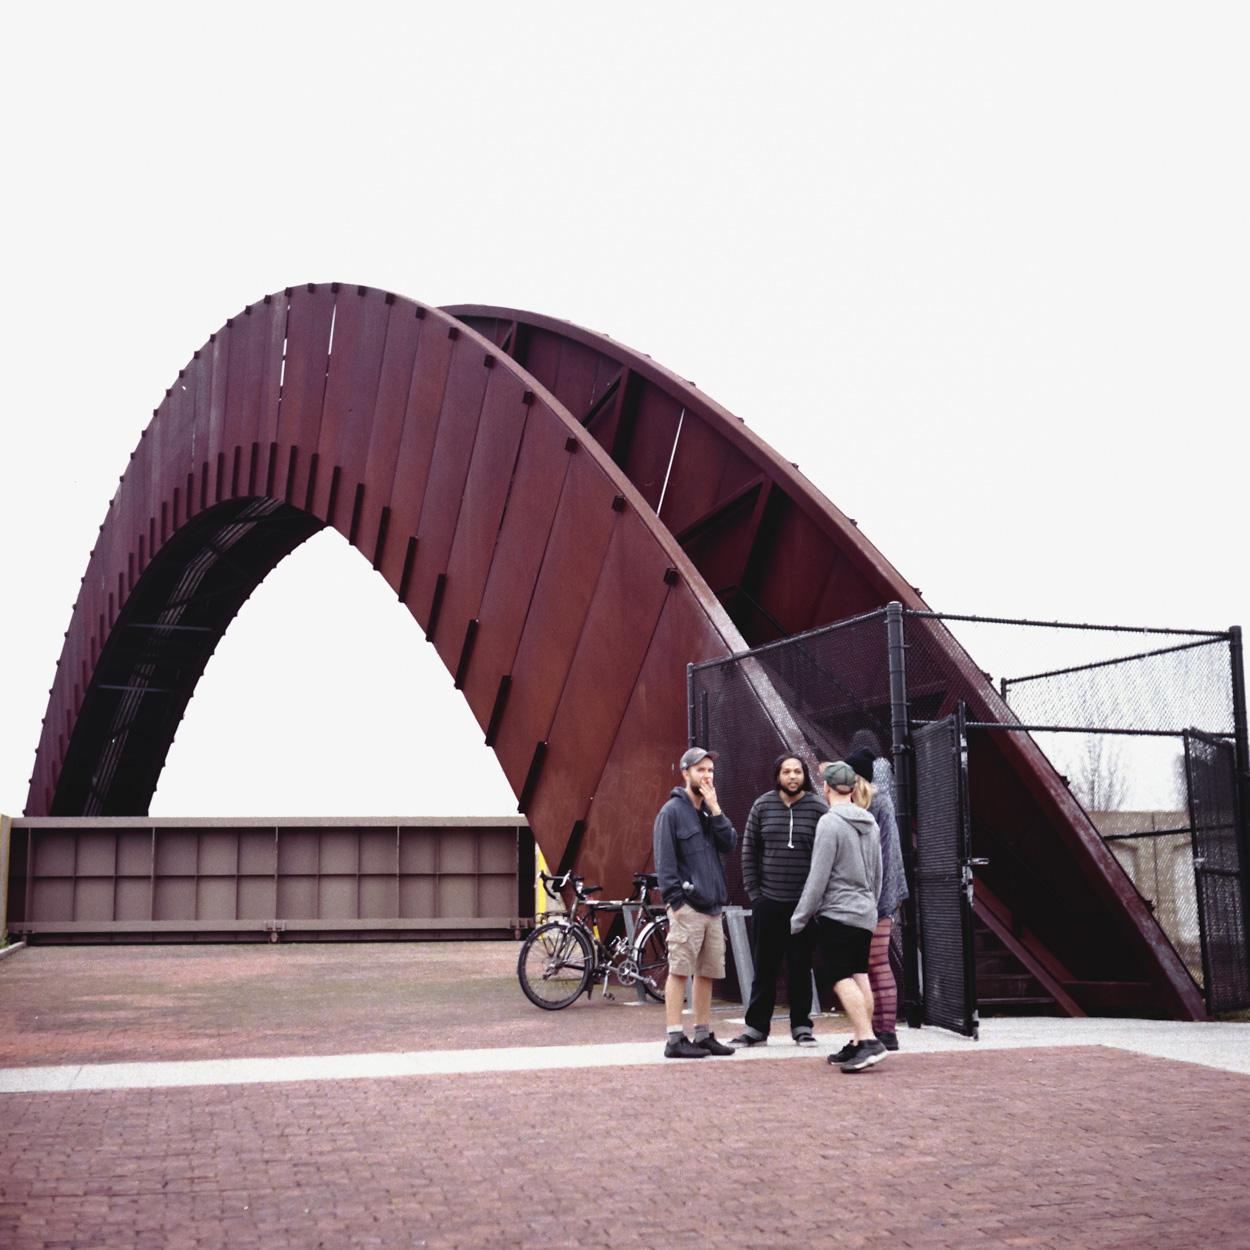 A cool looking bridge in Bridgewater